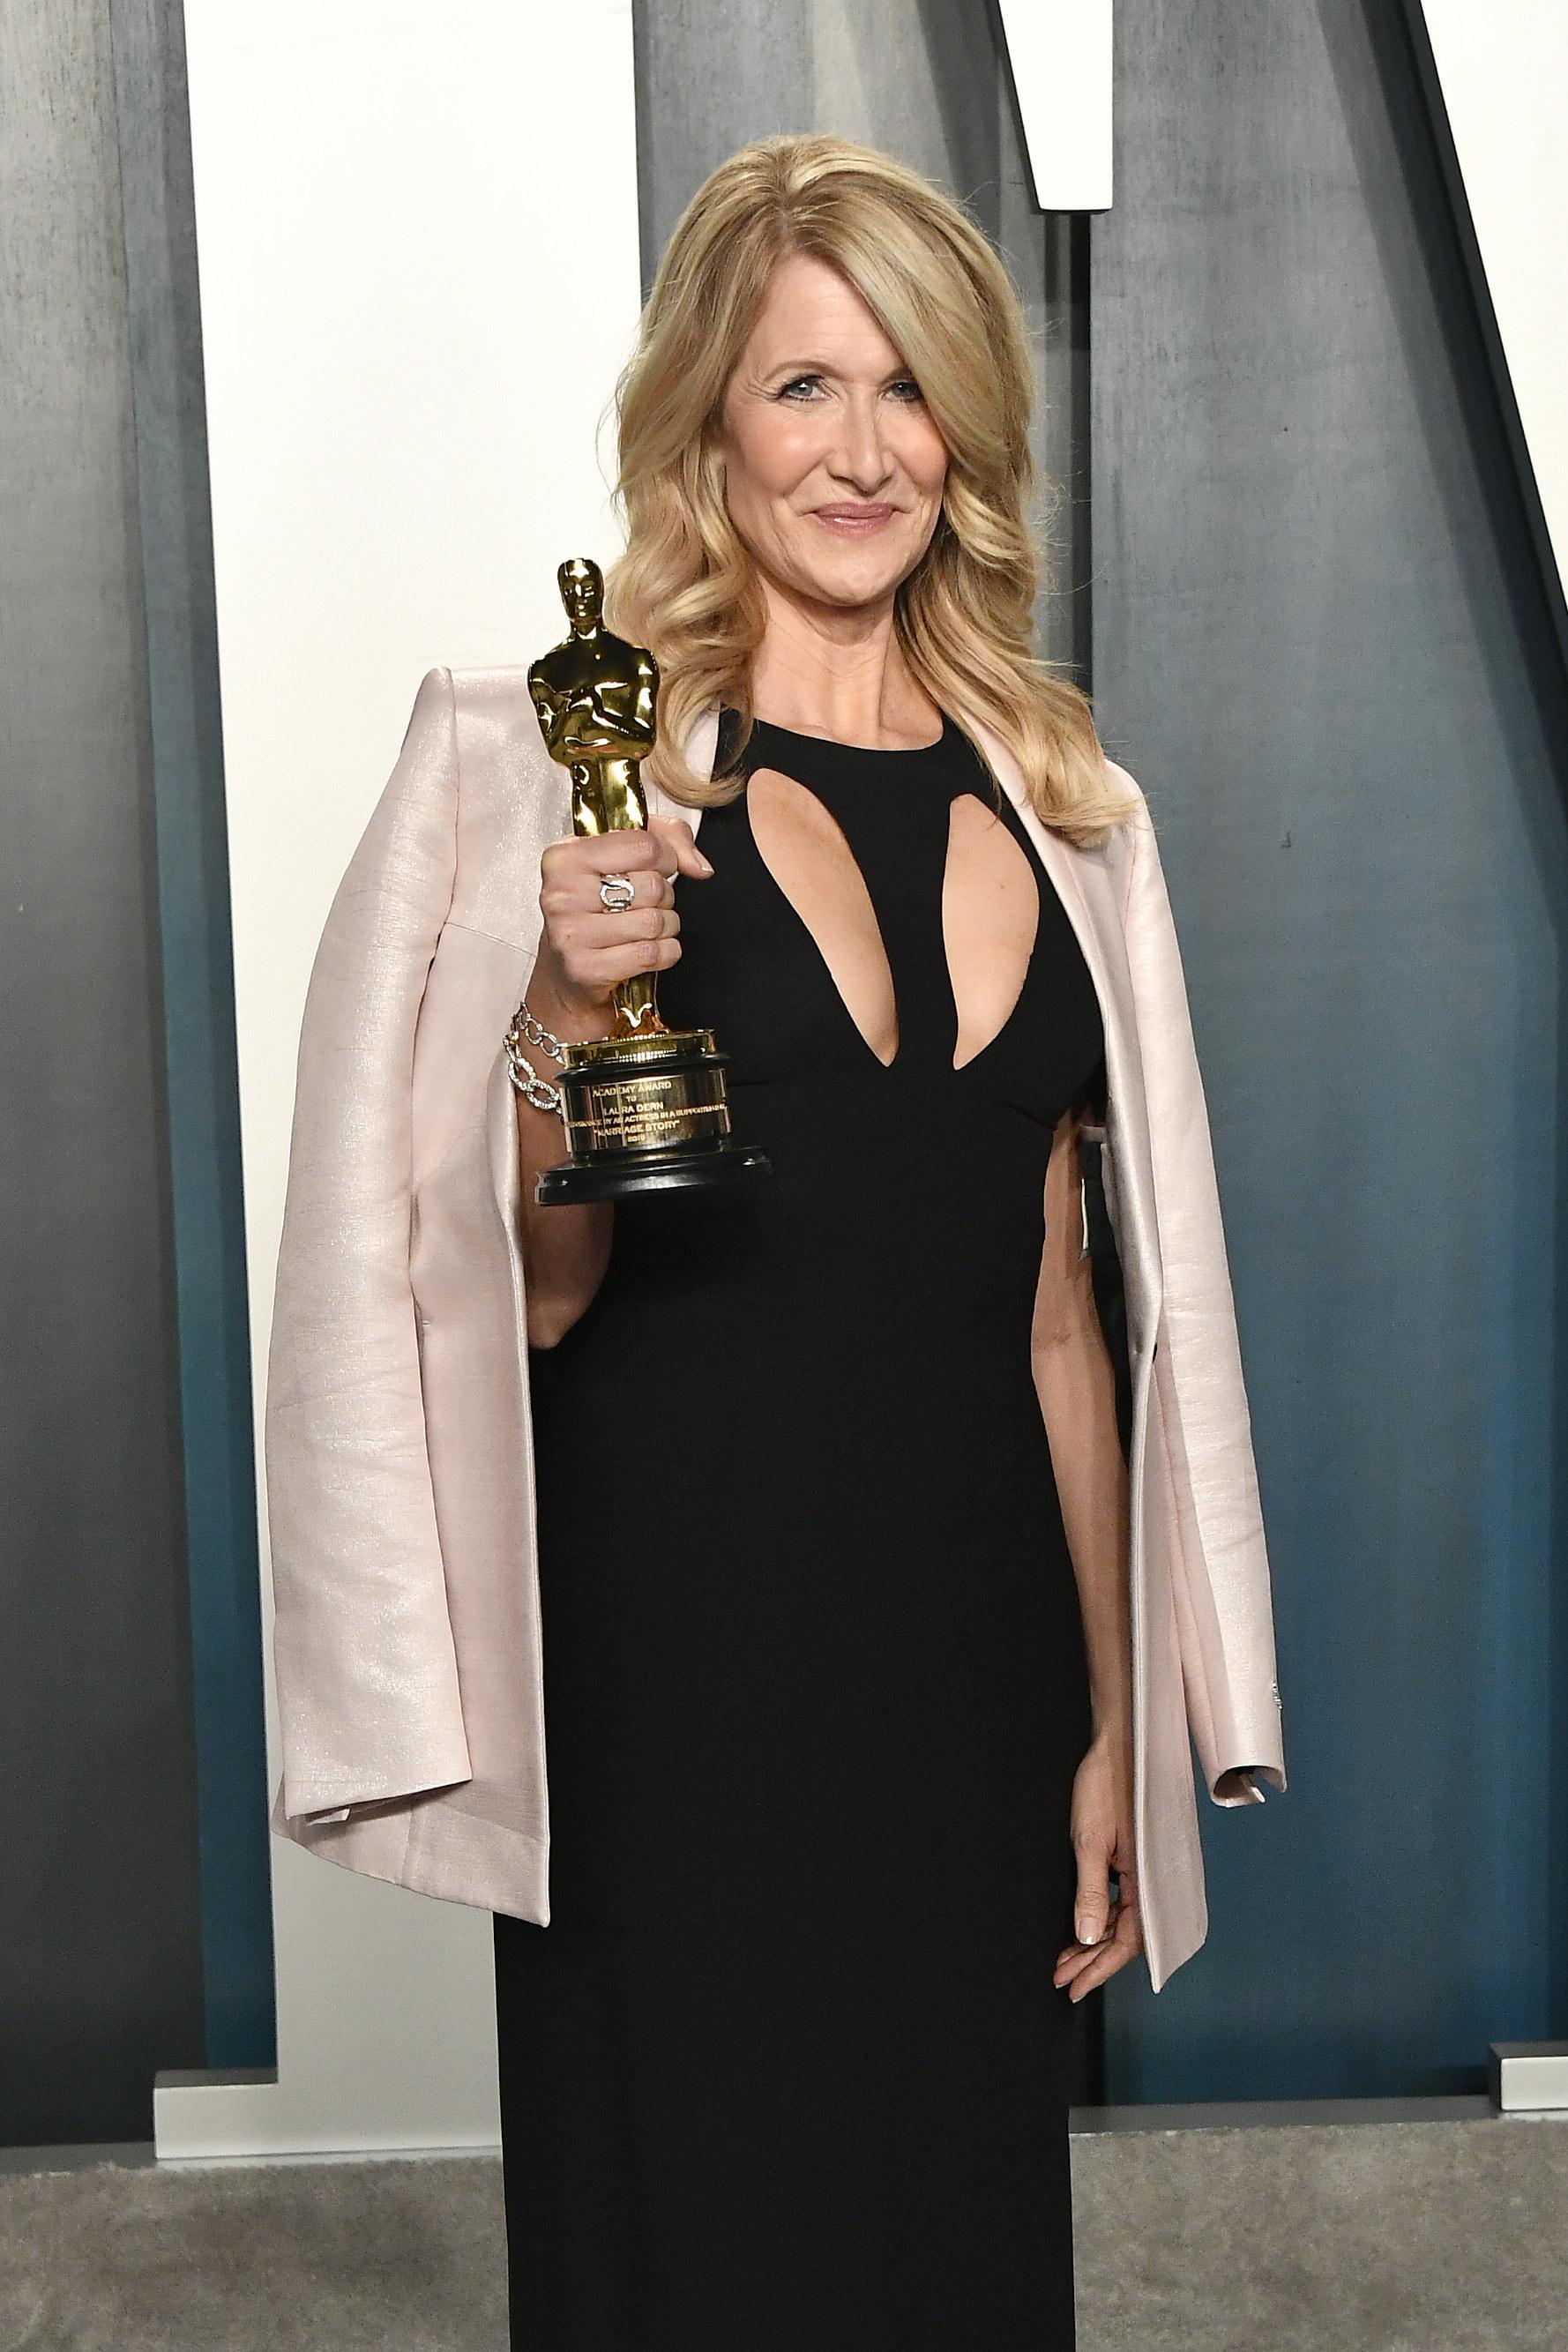 With an Oscar